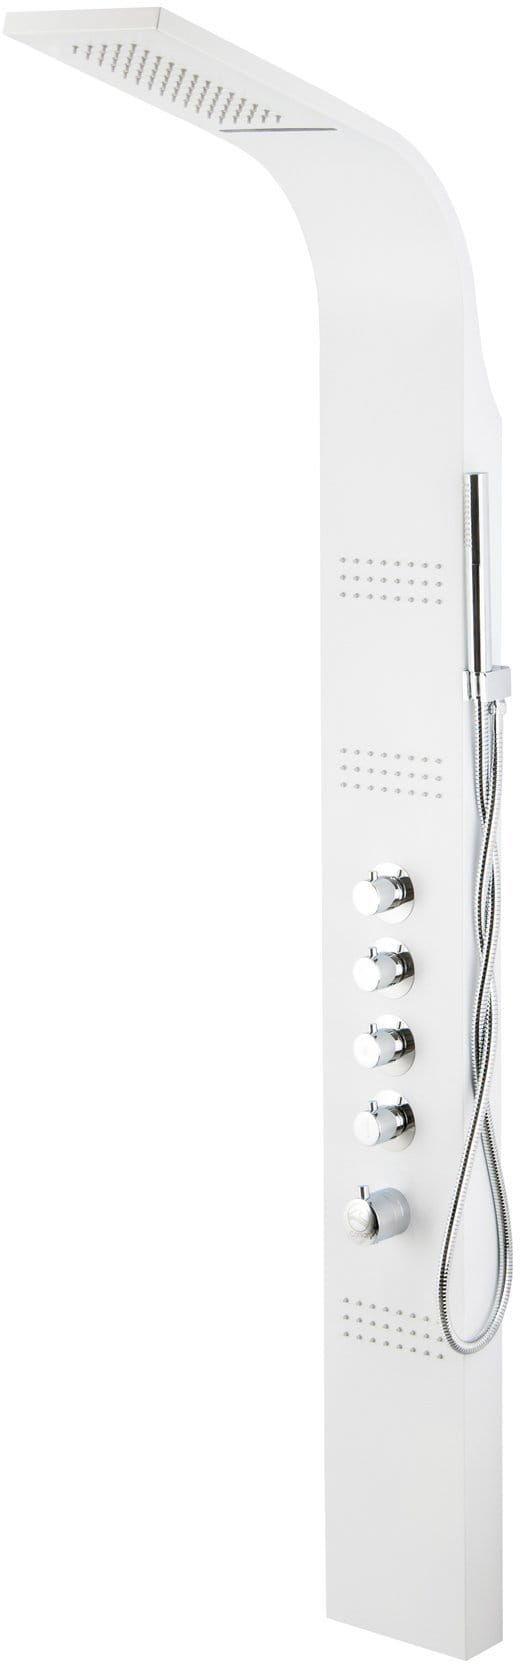 Corsan Kaskada panel prysznicowy z mieszaczem biały A-014AM KASKADA BIEL